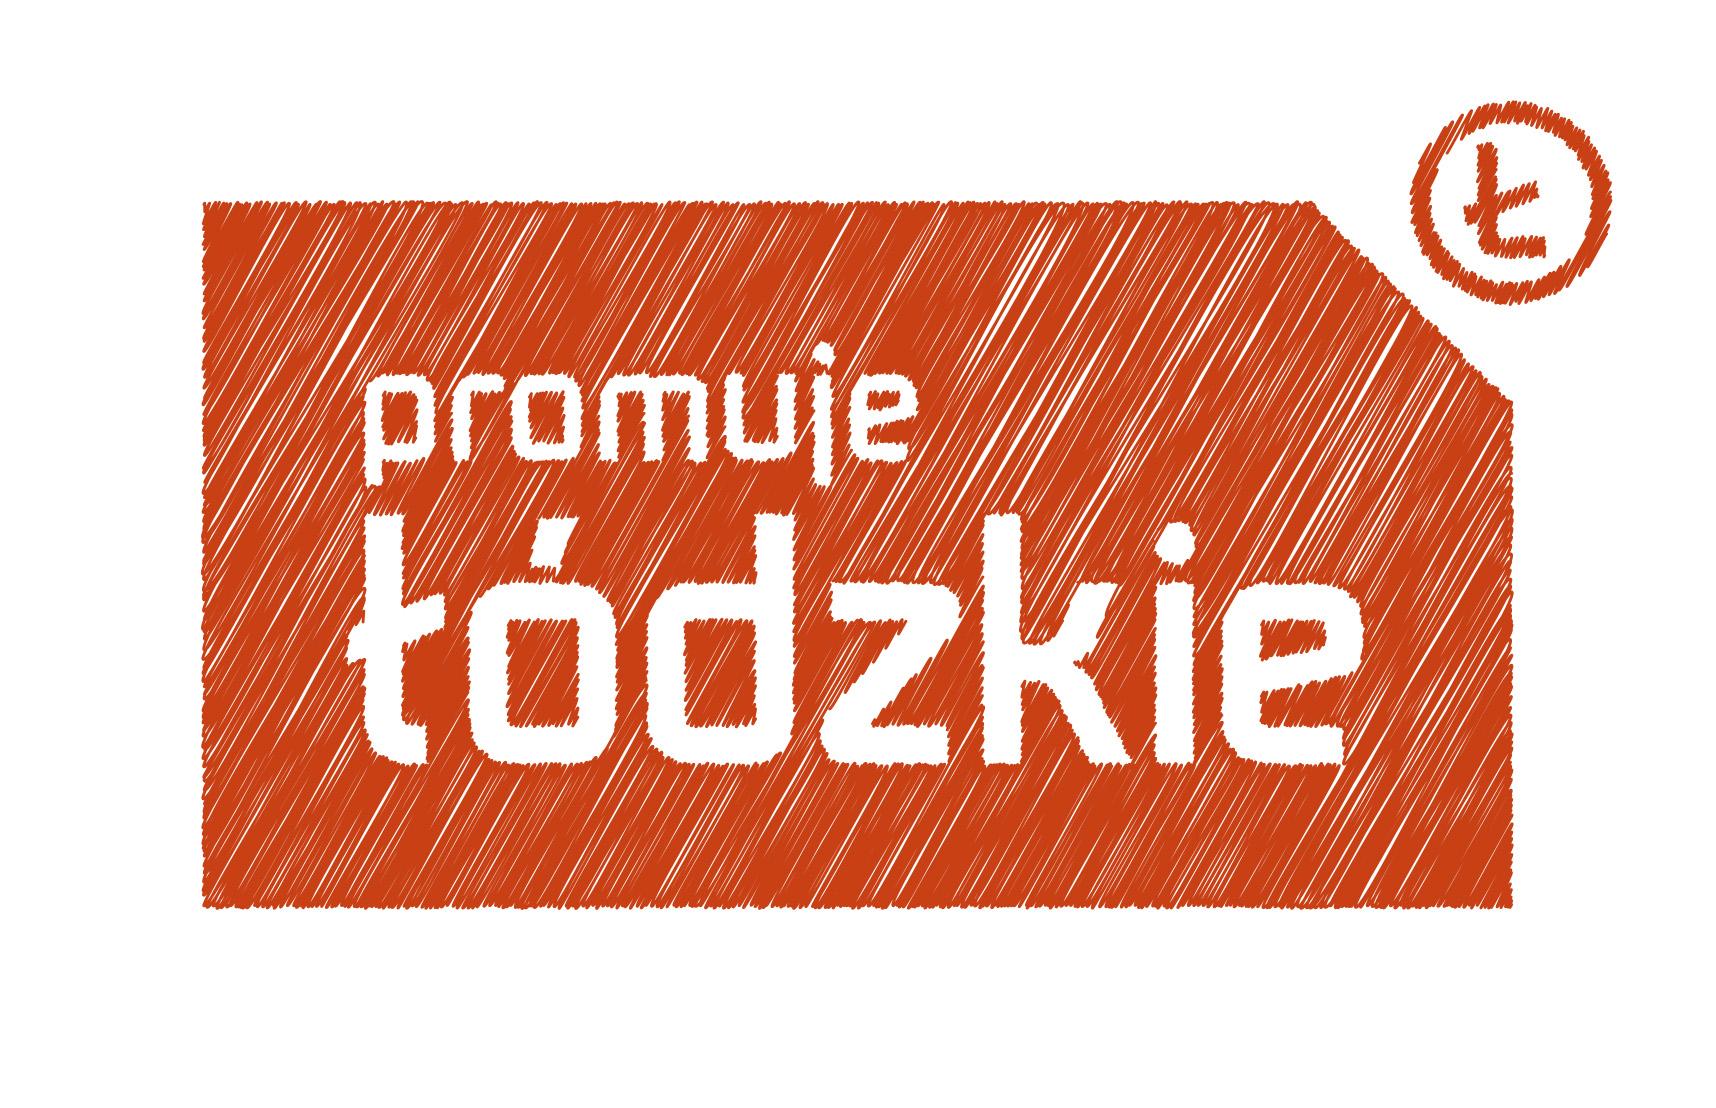 http://www.lodzkie.pl/files/identyfikacja/logo_promuje_lodzkie.jpg